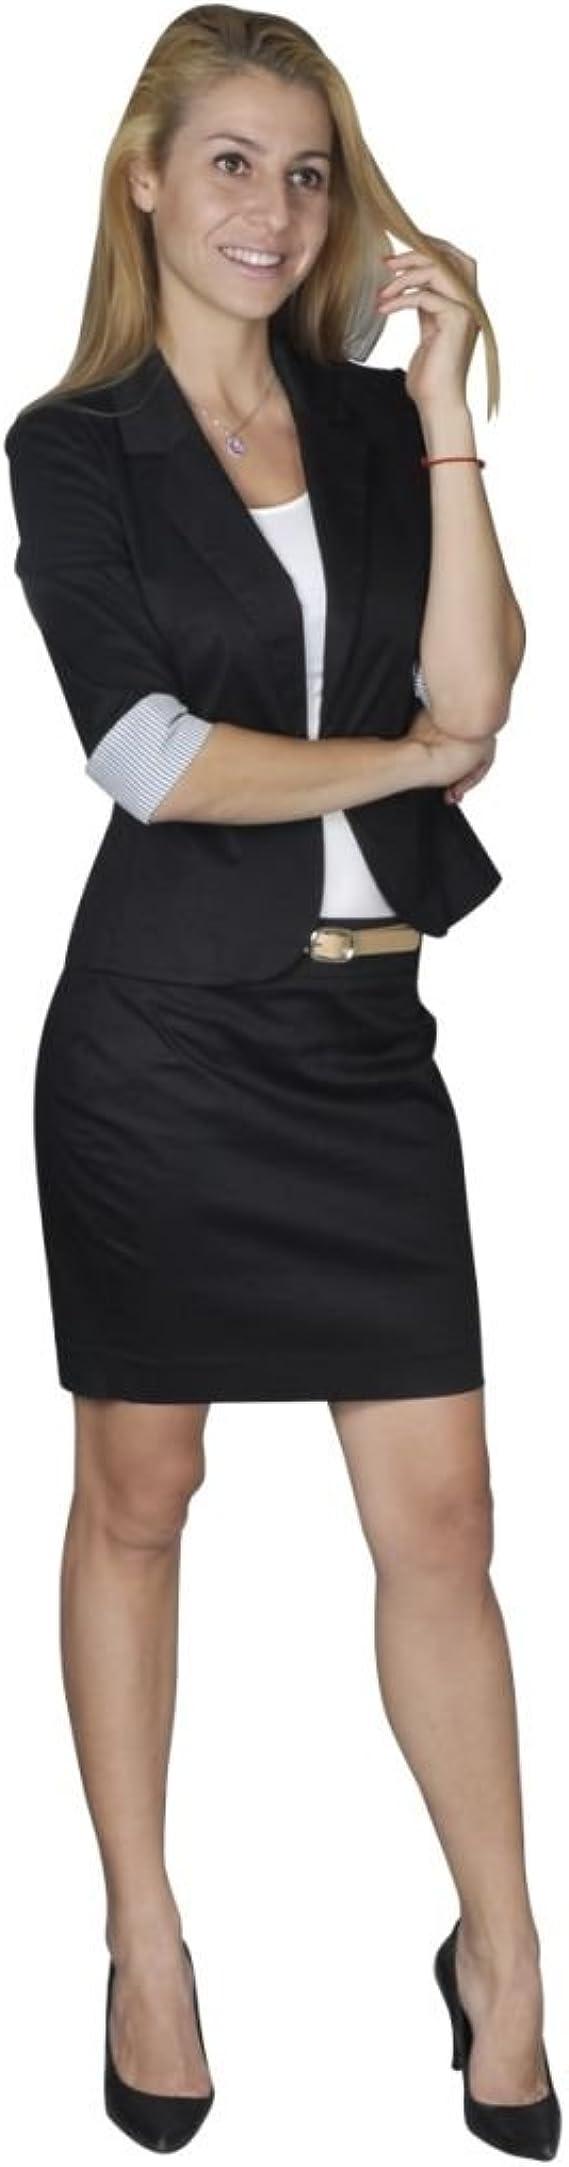 vidaXL Traje Mujer Suit Conjunto De Chaqueta Y Falda, Talla 36 ...